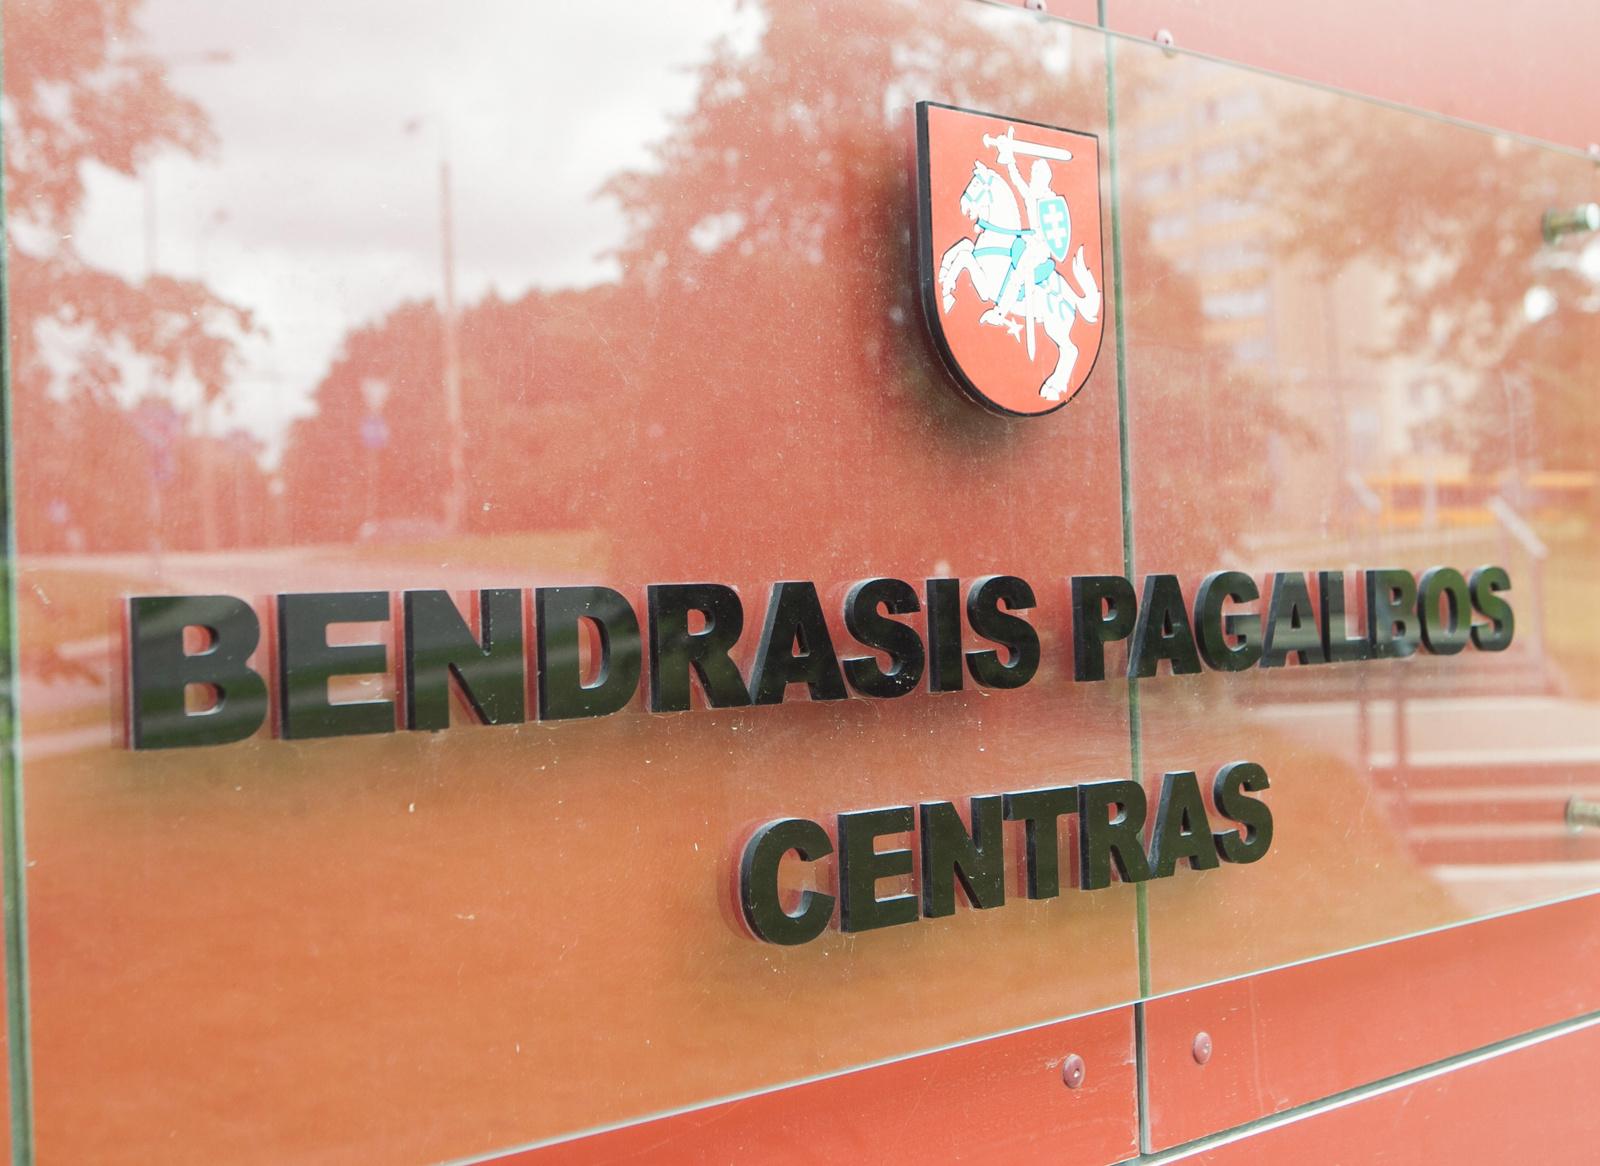 Bendrojo pagalbos centro darbuotojai pademonstravo operatyvumą ir profesionalumą